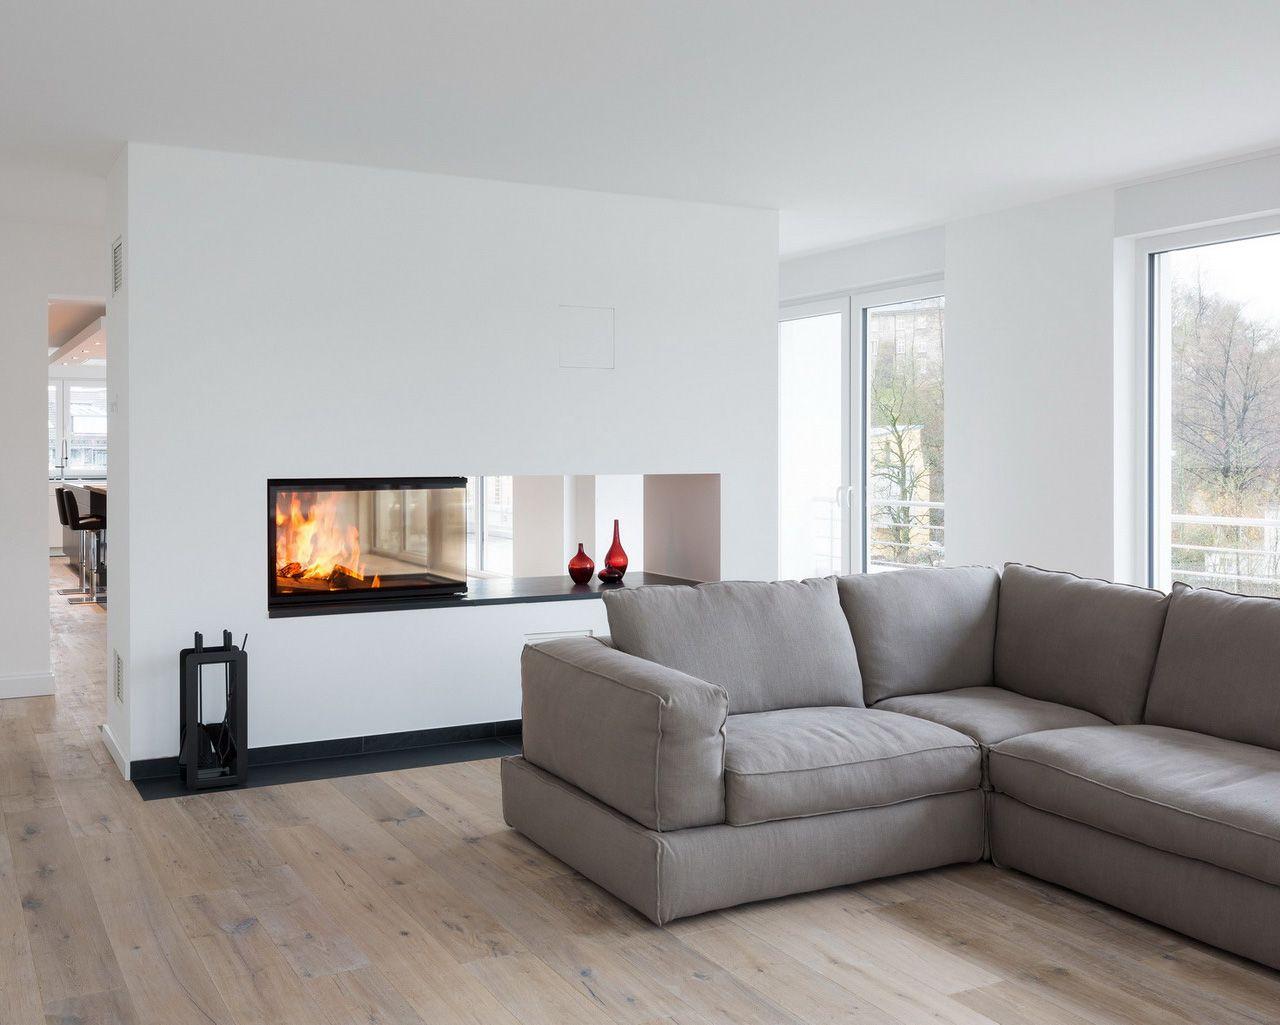 ein dreiseitig einsehbarer kamin als raumteiler der einsatz ist von spartherm arte u 90. Black Bedroom Furniture Sets. Home Design Ideas